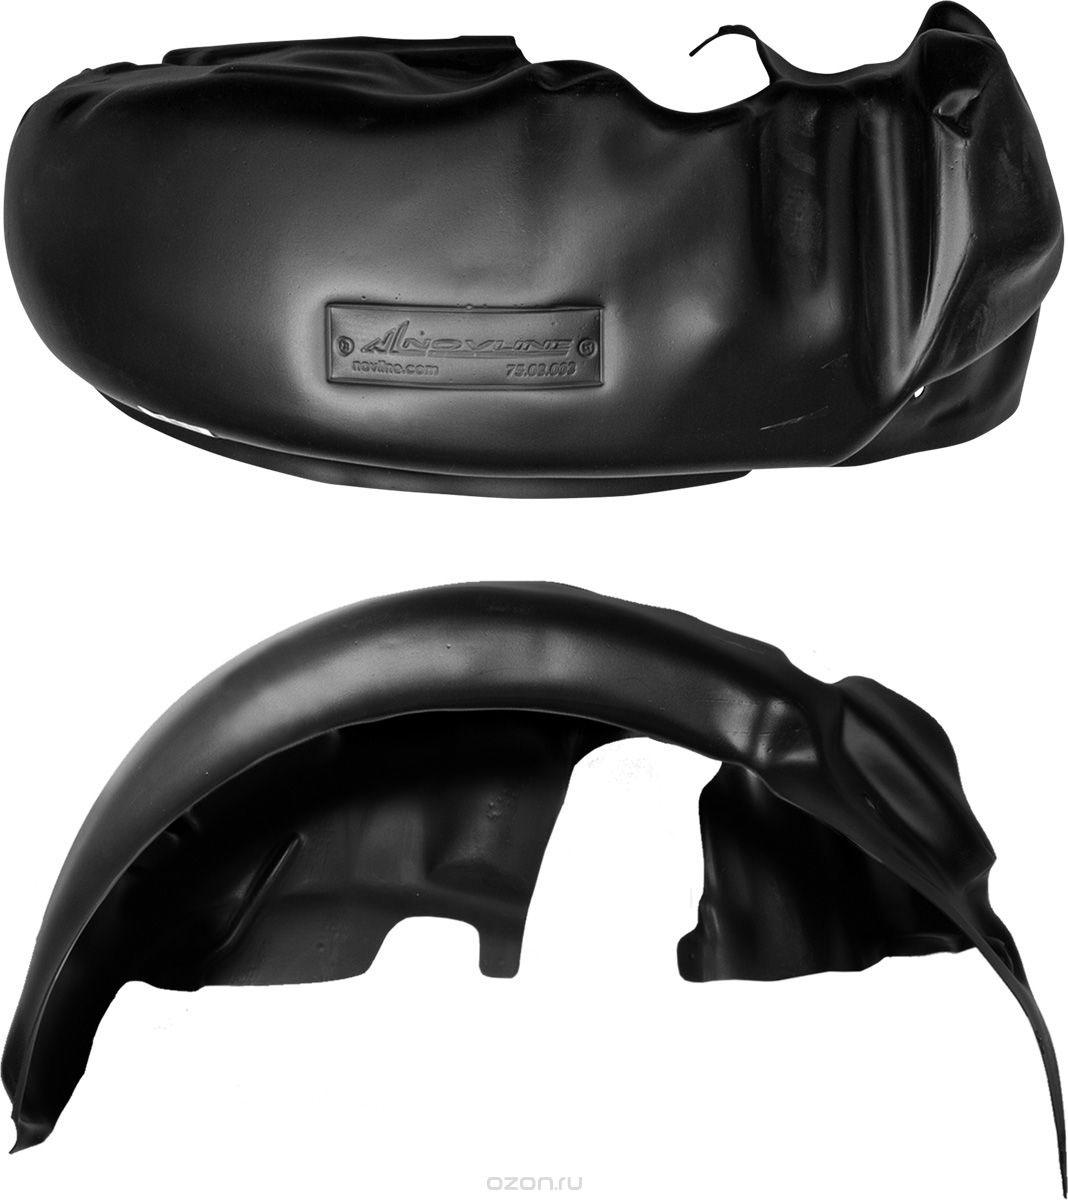 Подкрылок Novline-Autofamily, для TOYOTA LC150, 2009-2013, 2013-2015, 2015->, внедорожник, задний правыйNLL.48.64.004Идеальная защита колесной ниши. Локеры разработаны с применением цифровых технологий, гарантируют максимальную повторяемость поверхности арки. Изделия устанавливаются без нарушения лакокрасочного покрытия автомобиля, каждый подкрылок комплектуется крепежом. Уважаемые клиенты, обращаем ваше внимание, что фотографии на подкрылки универсальные и не отражают реальную форму изделия. При этом само изделие идет точно под размер указанного автомобиля.